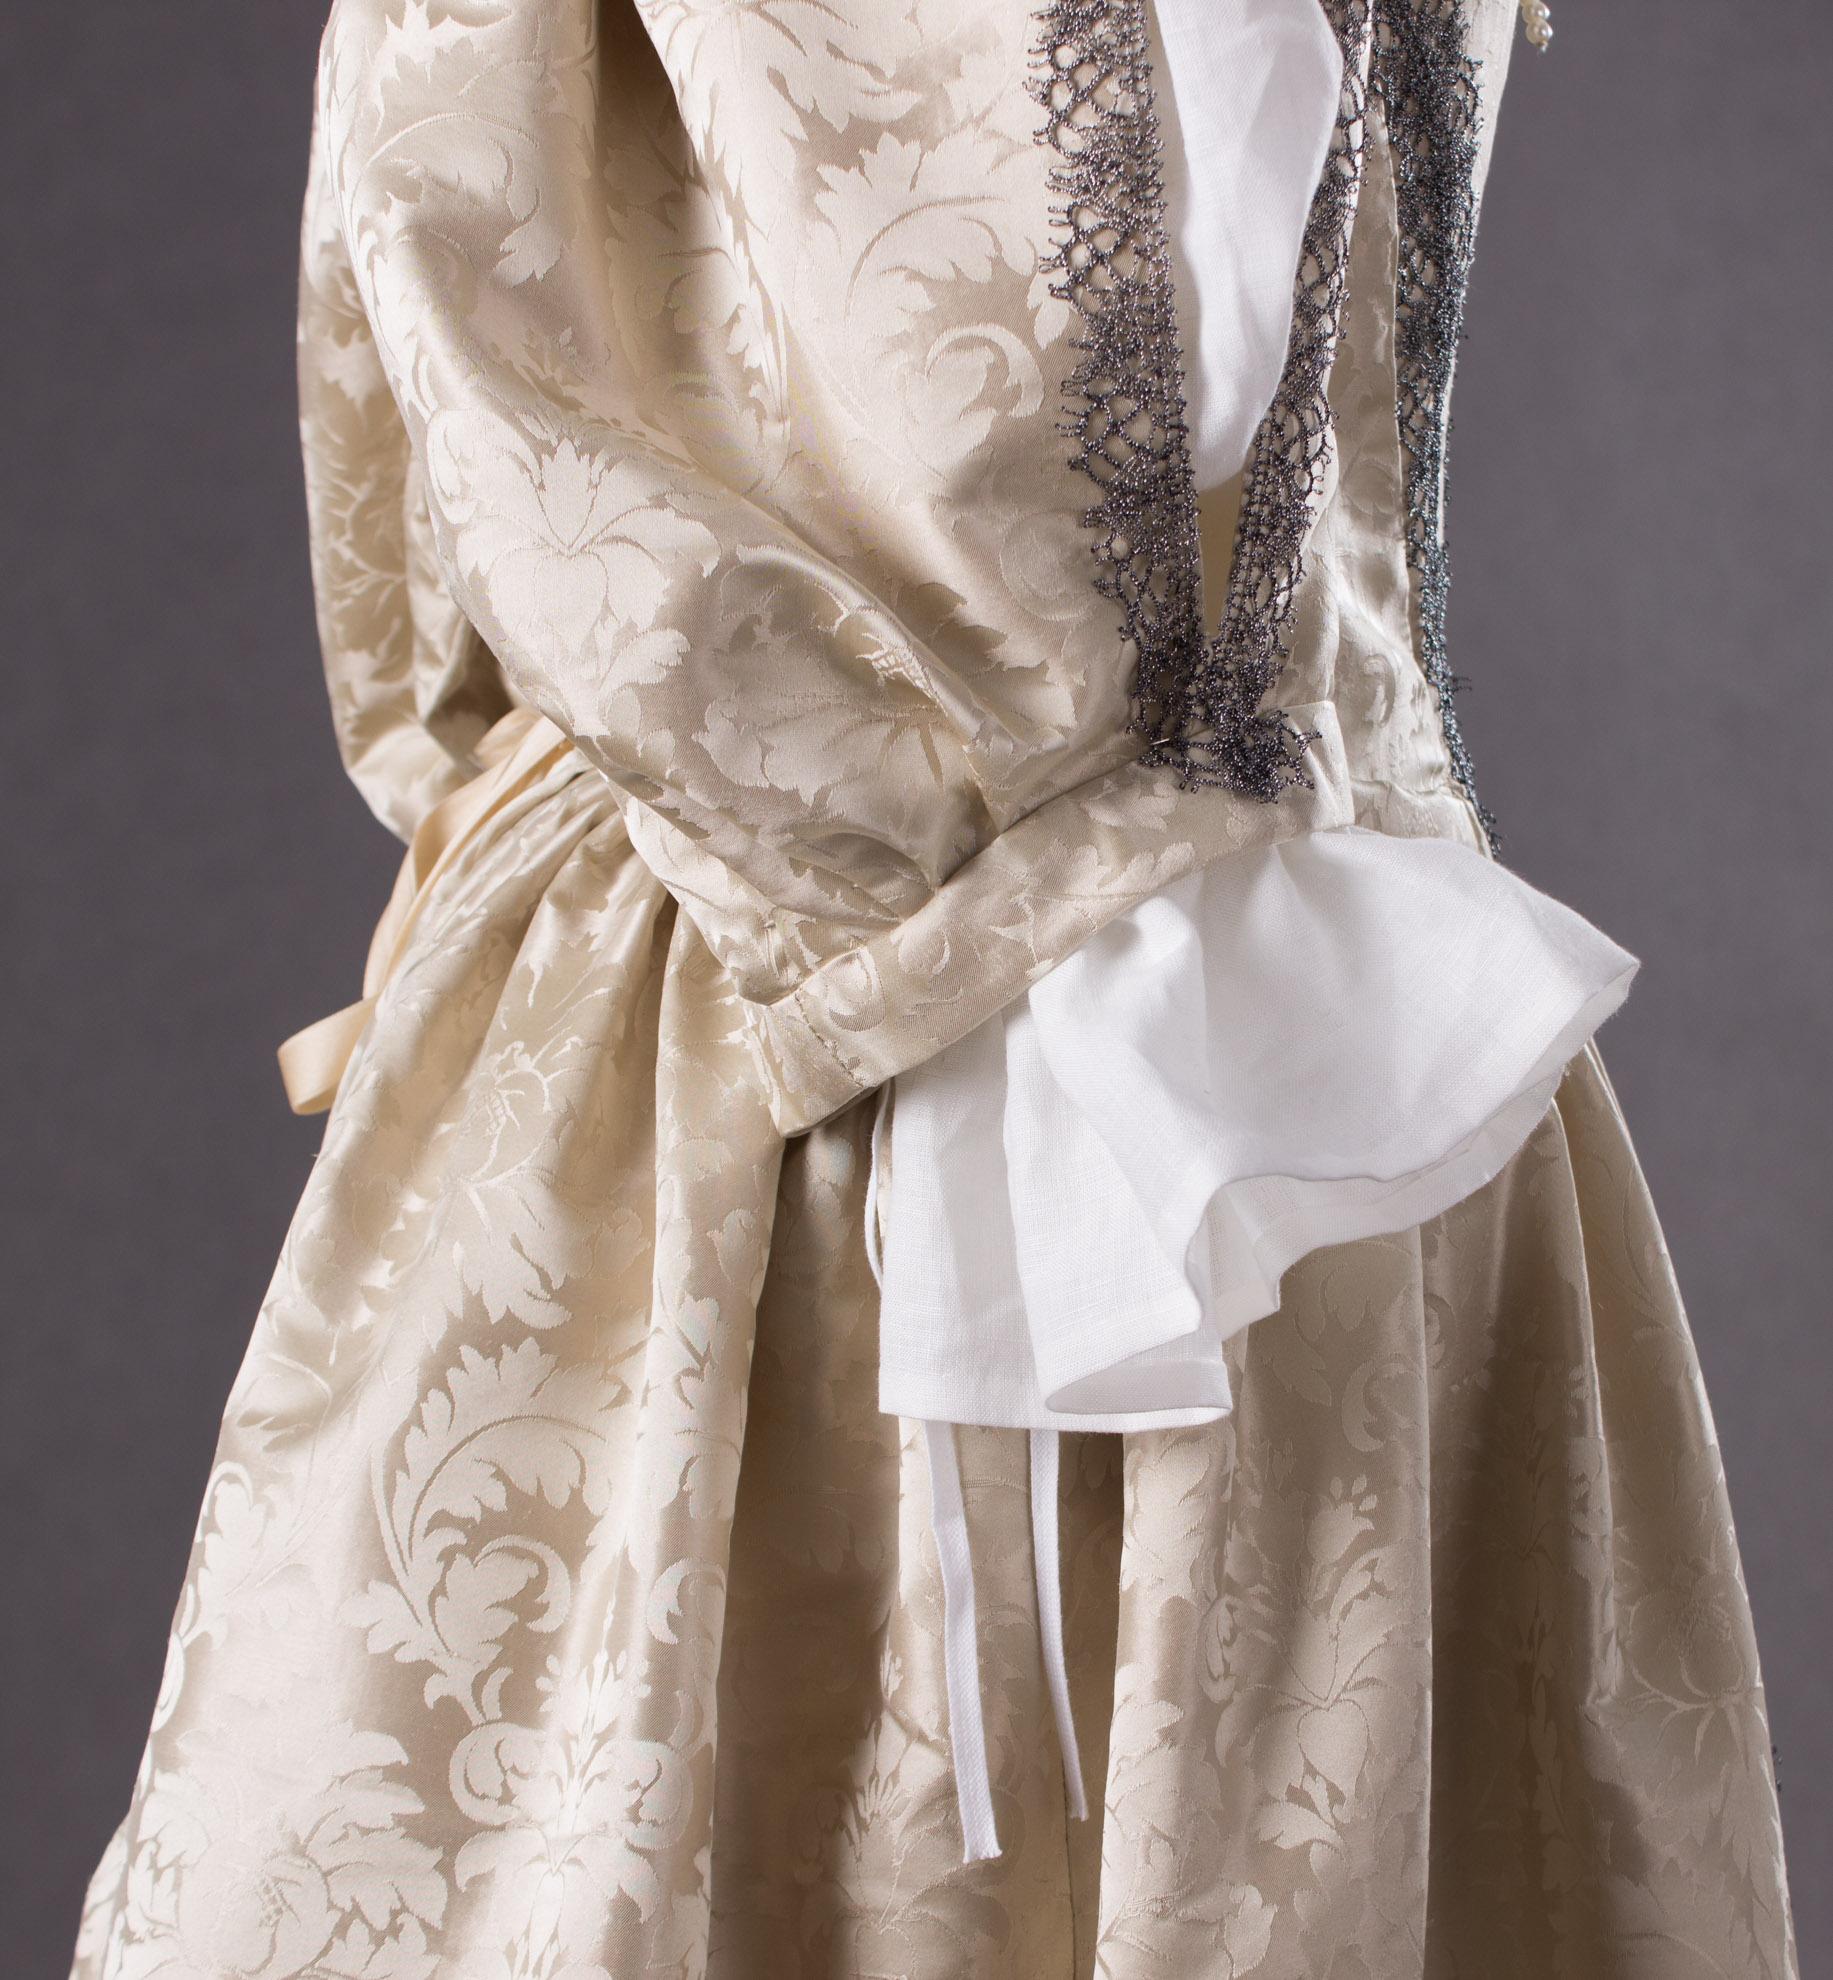 suknia-z-adamaszku-jedwabnego-1660-5-of-8